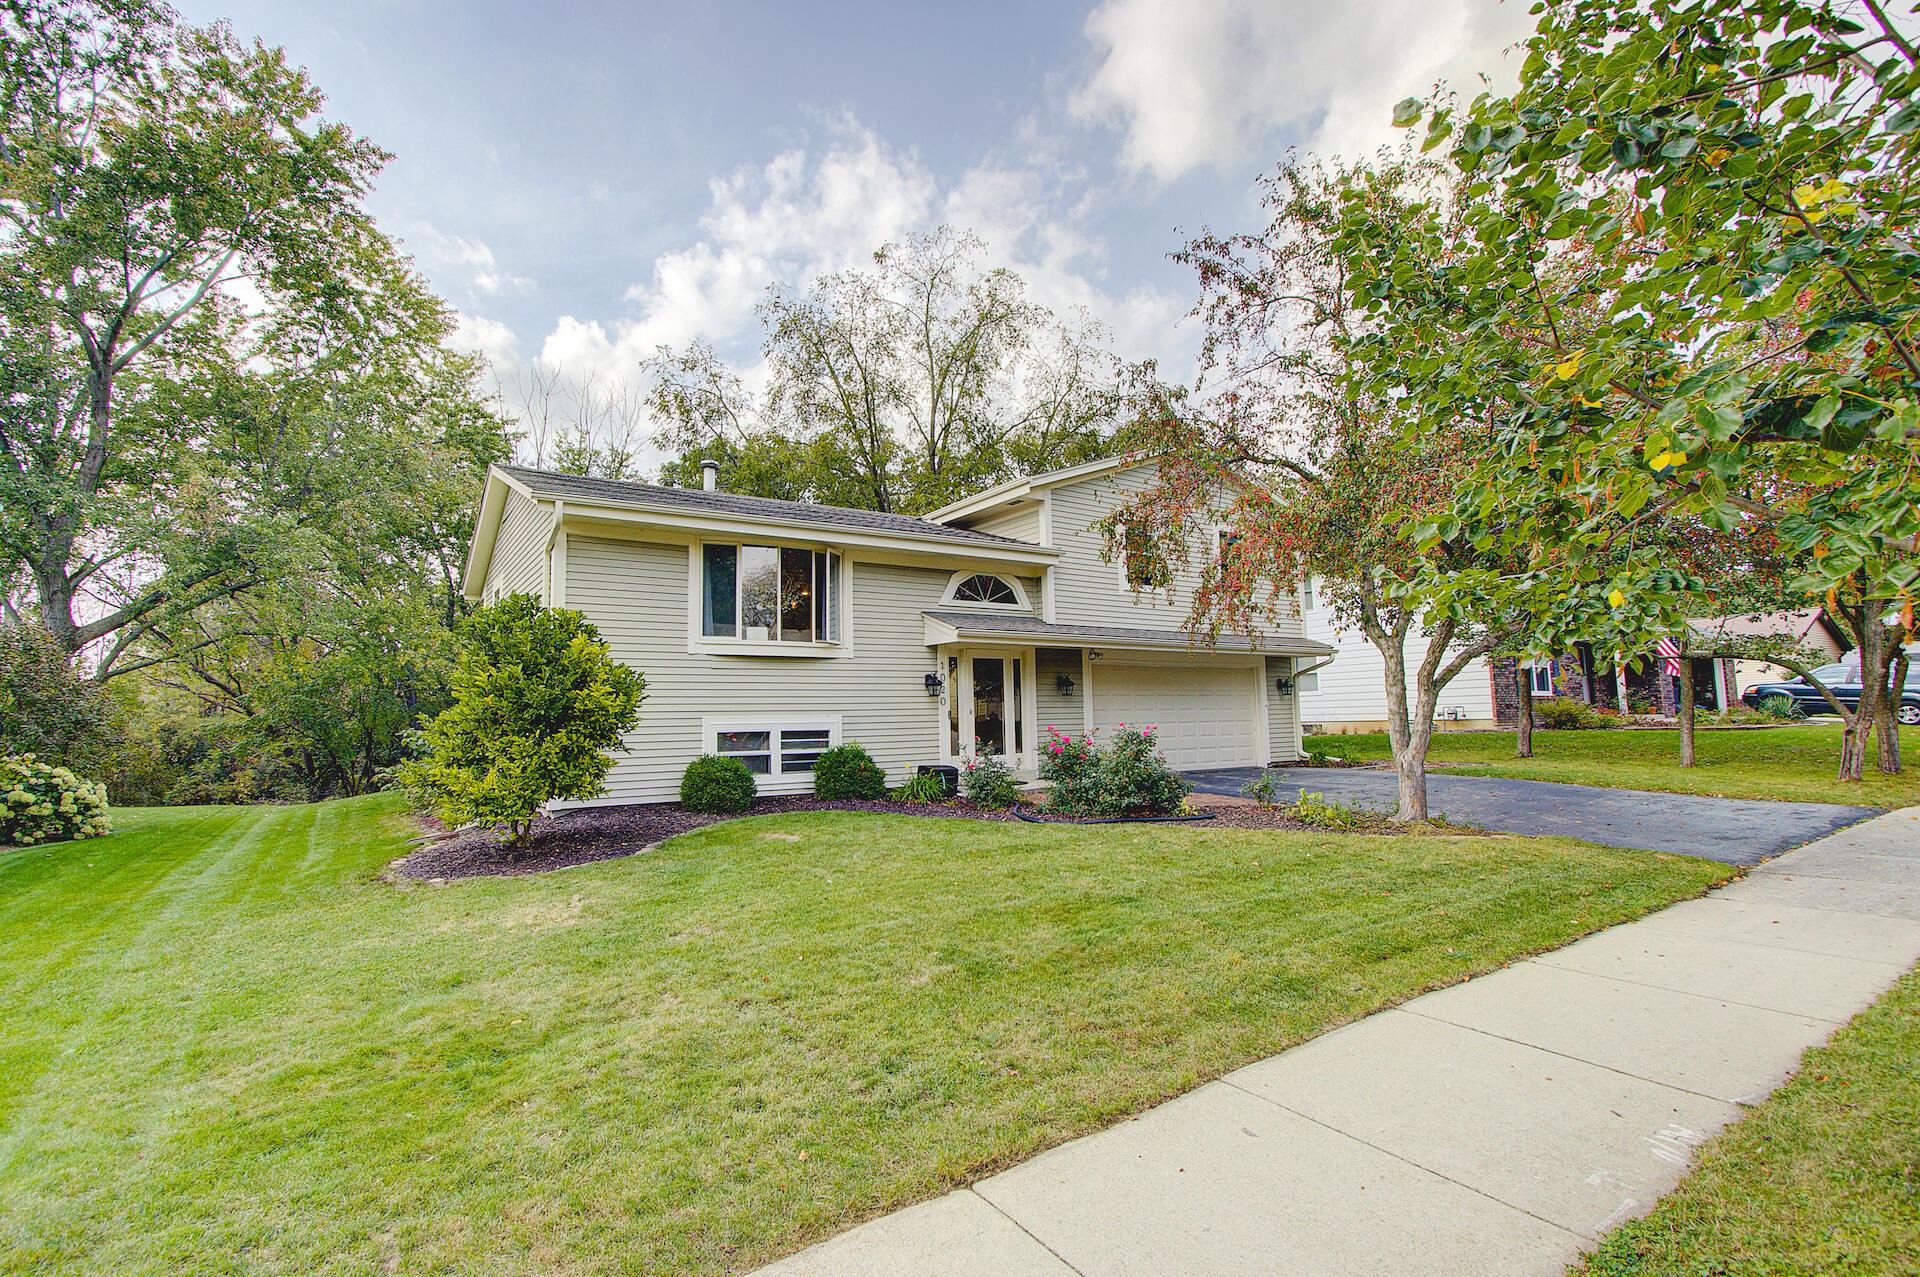 1020 Burrie Ln, Waukesha, Wisconsin 53188, 3 Bedrooms Bedrooms, 7 Rooms Rooms,1 BathroomBathrooms,Single-Family,For Sale,Burrie Ln,1767985